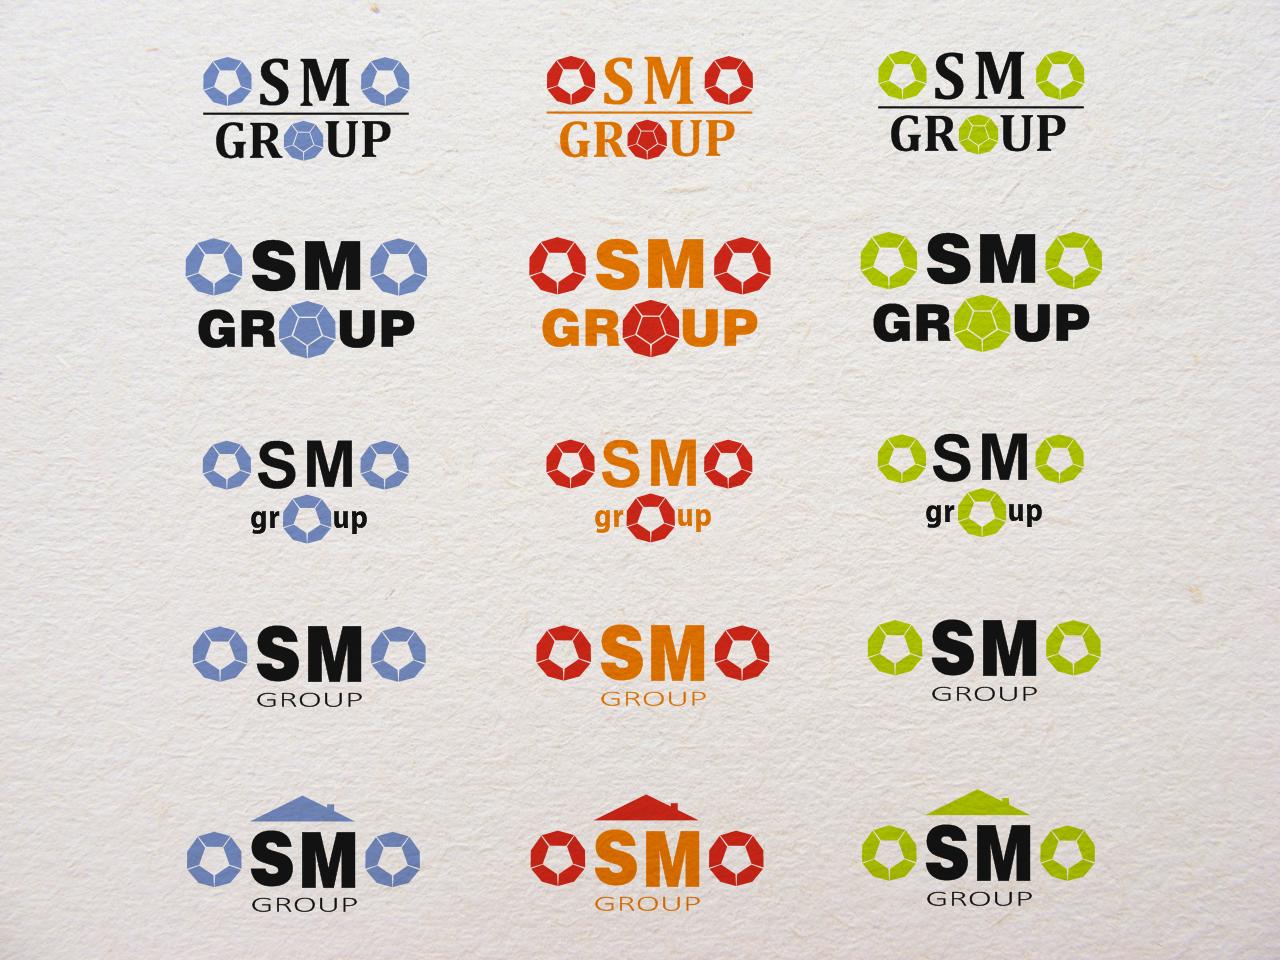 Создание логотипа для строительной компании OSMO group  фото f_62559b40a8c4f2ed.jpg